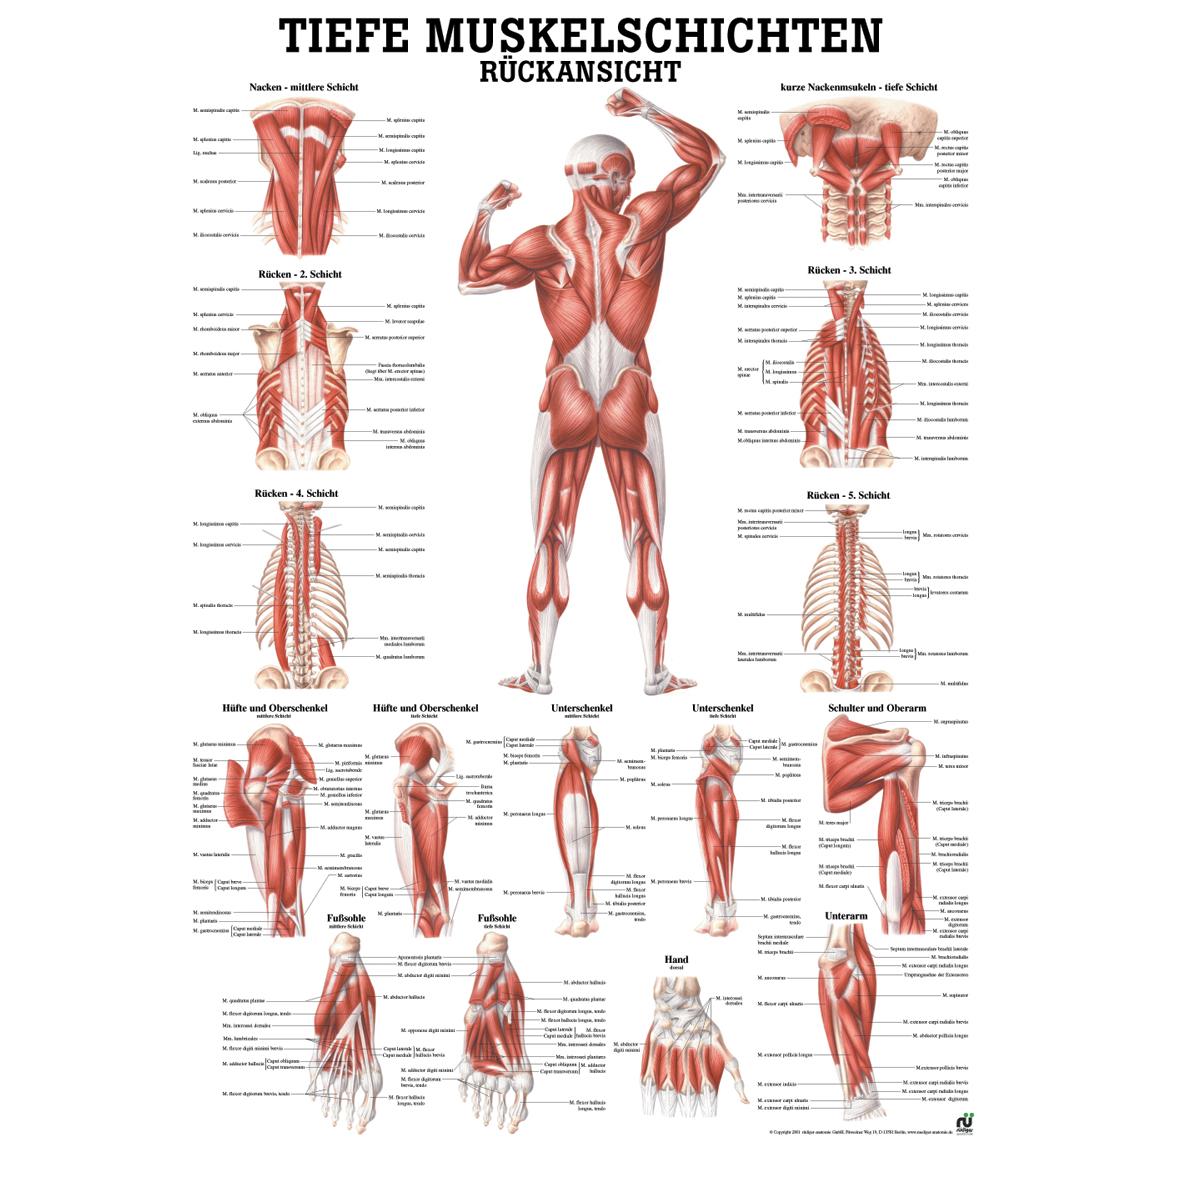 Niedlich Muskel Beine Anatomie Fotos - Menschliche Anatomie Bilder ...